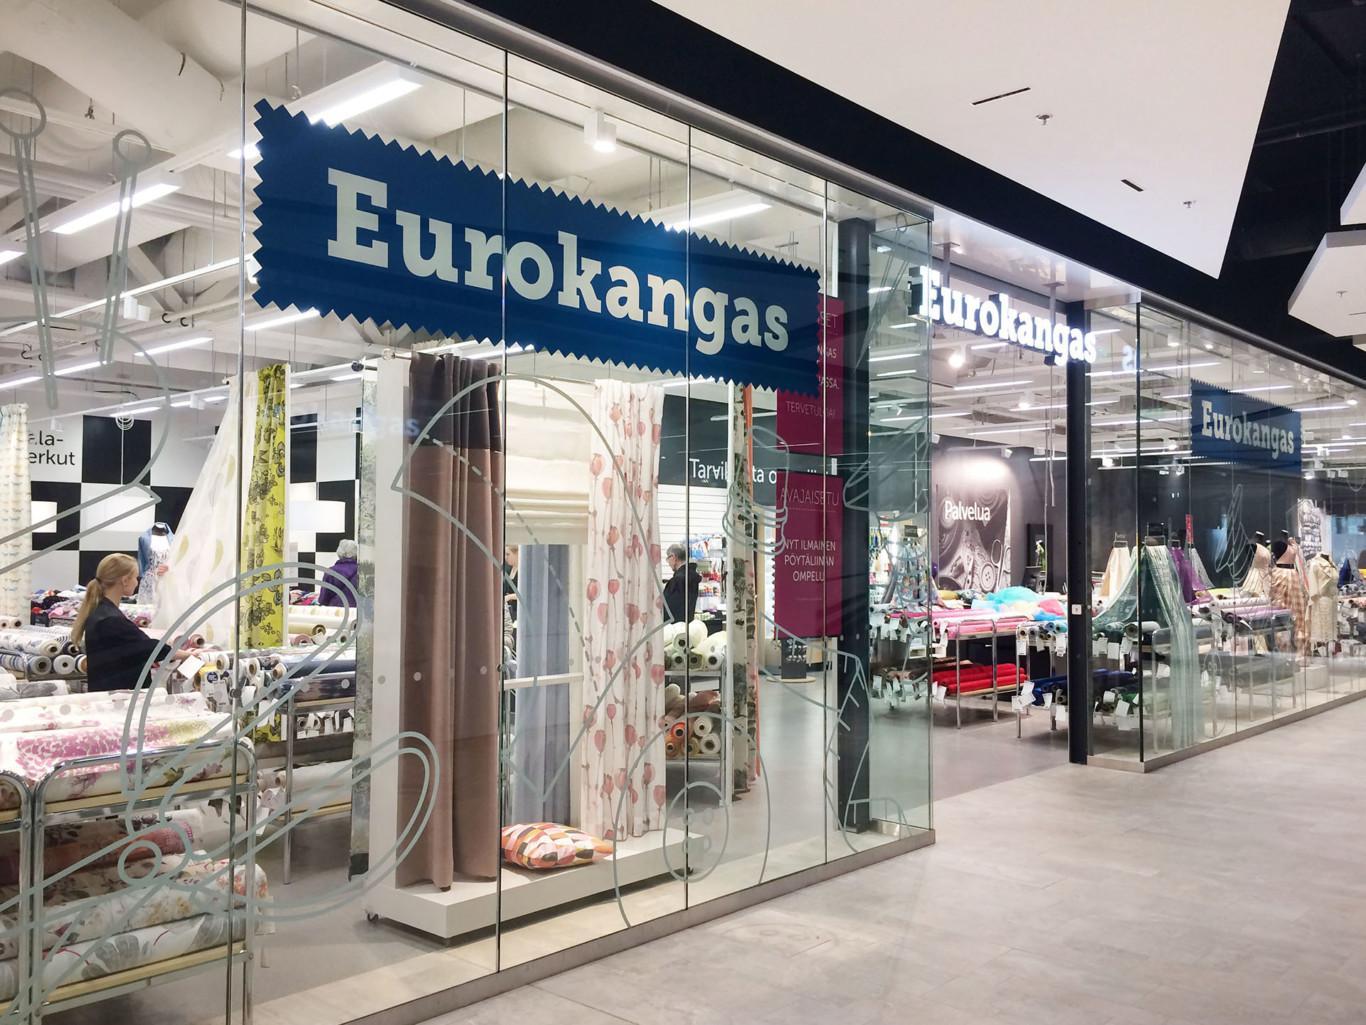 Eurokankaan myymälä